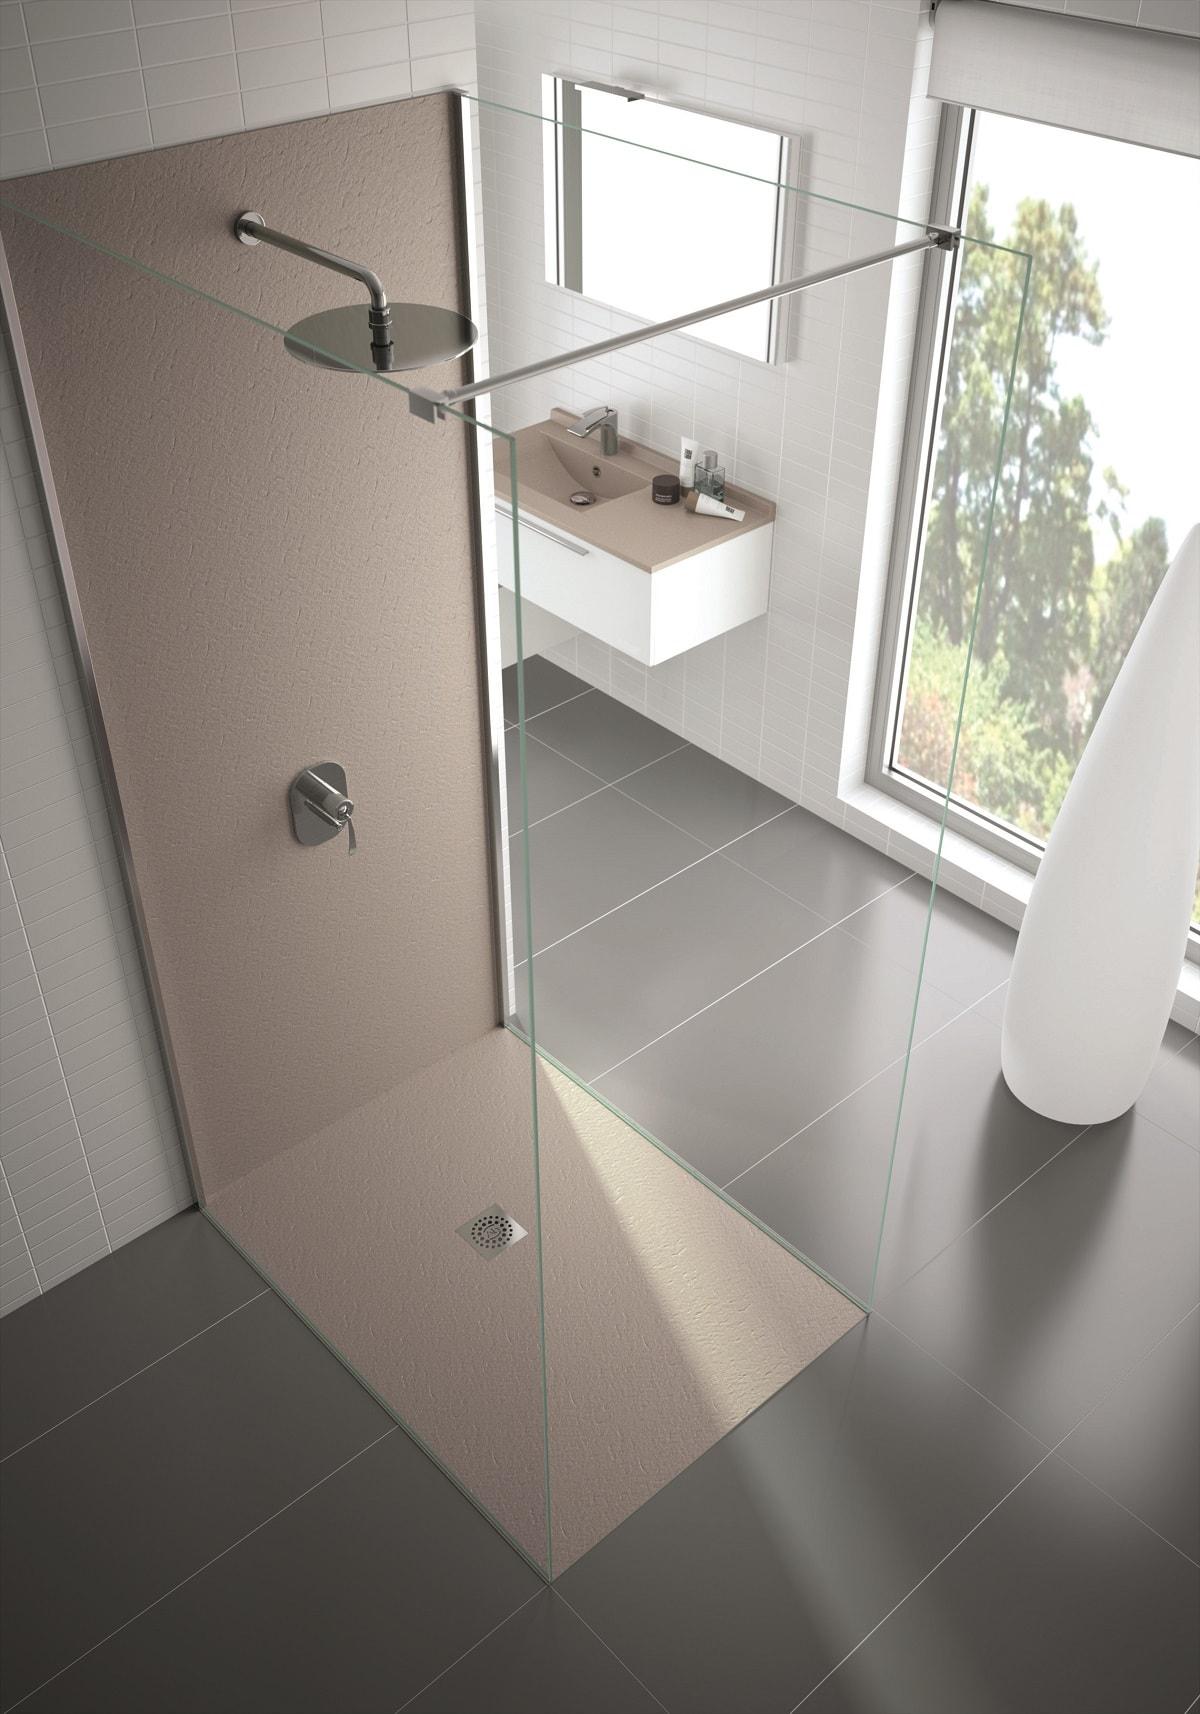 panneaux muraux tanches pour habiller la douche le coin gamer. Black Bedroom Furniture Sets. Home Design Ideas